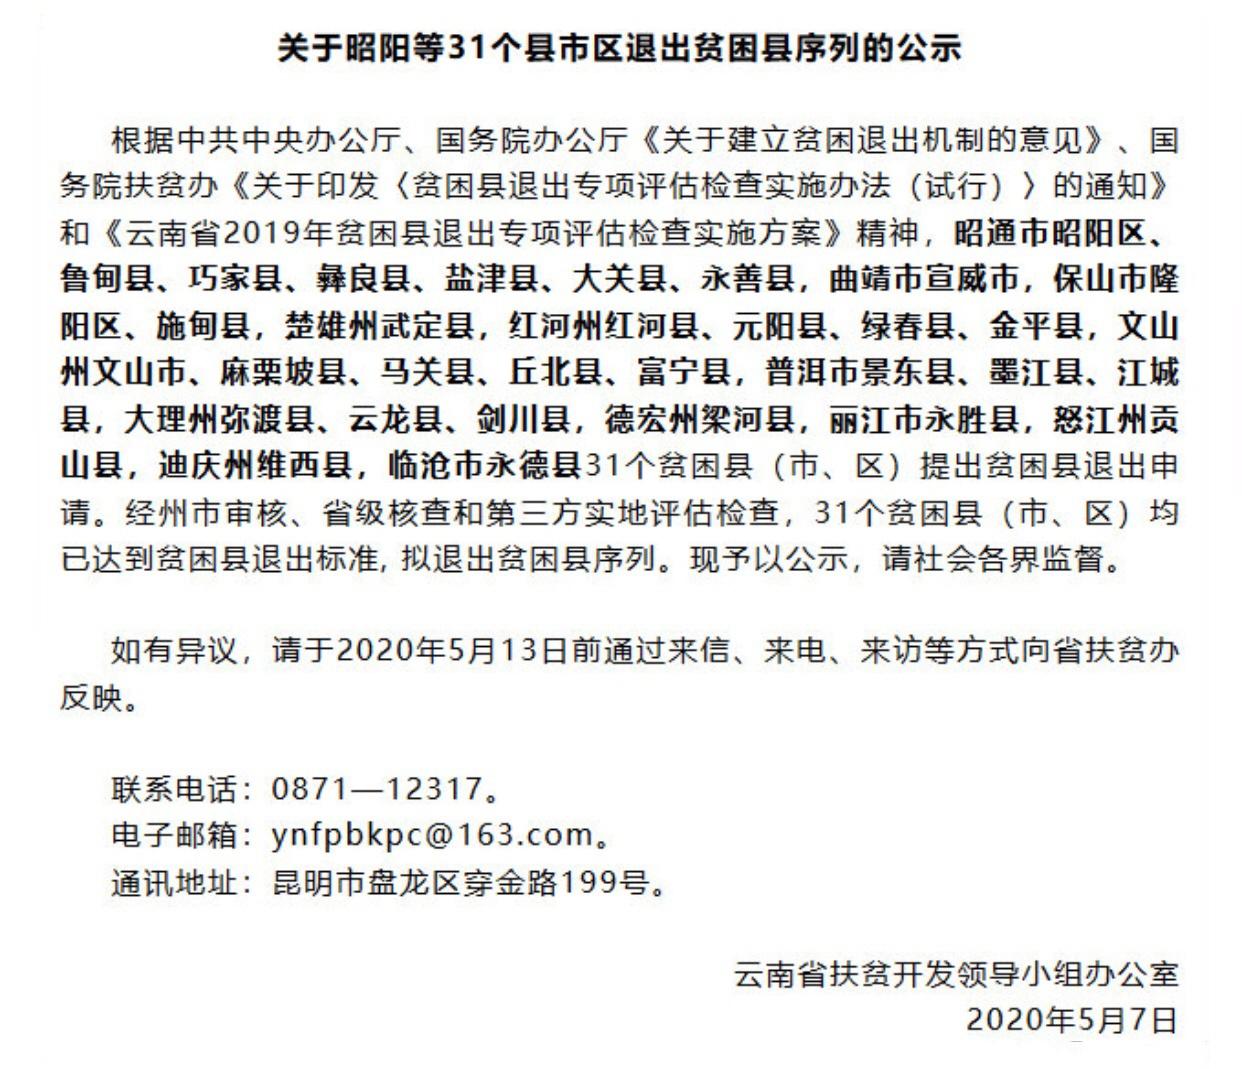 摩天代理,云南省31个摩天代理县市区图片